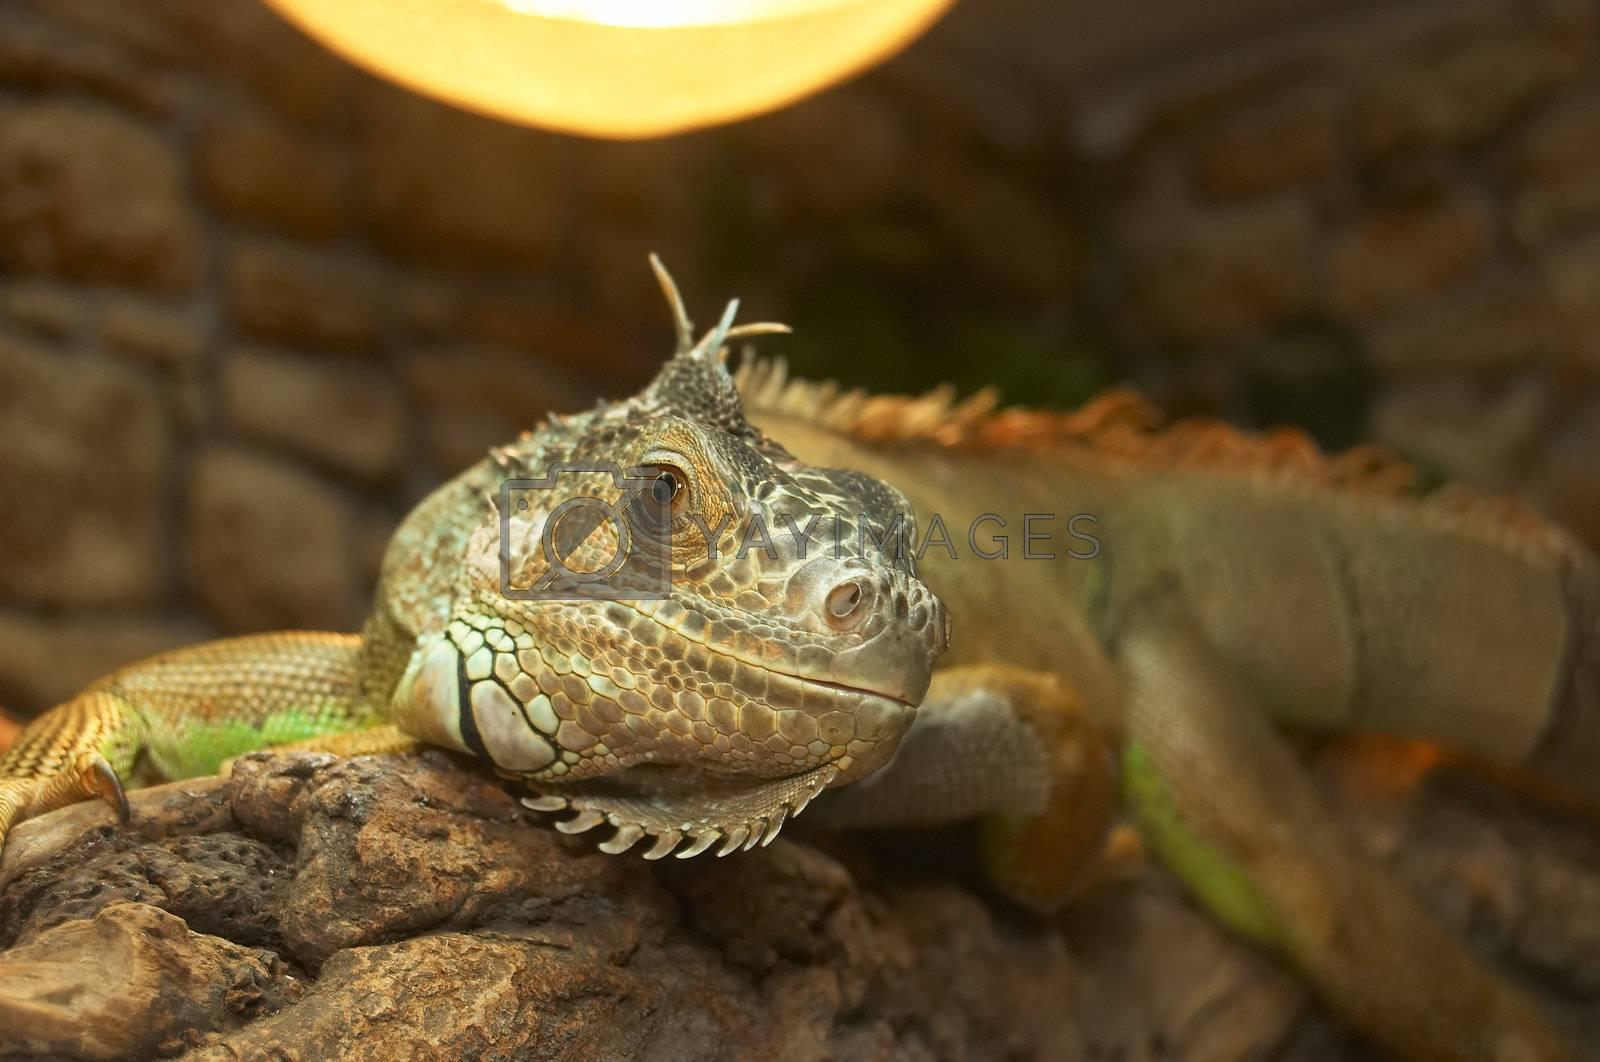 The big lizard in a terrarium is heated under a lamp